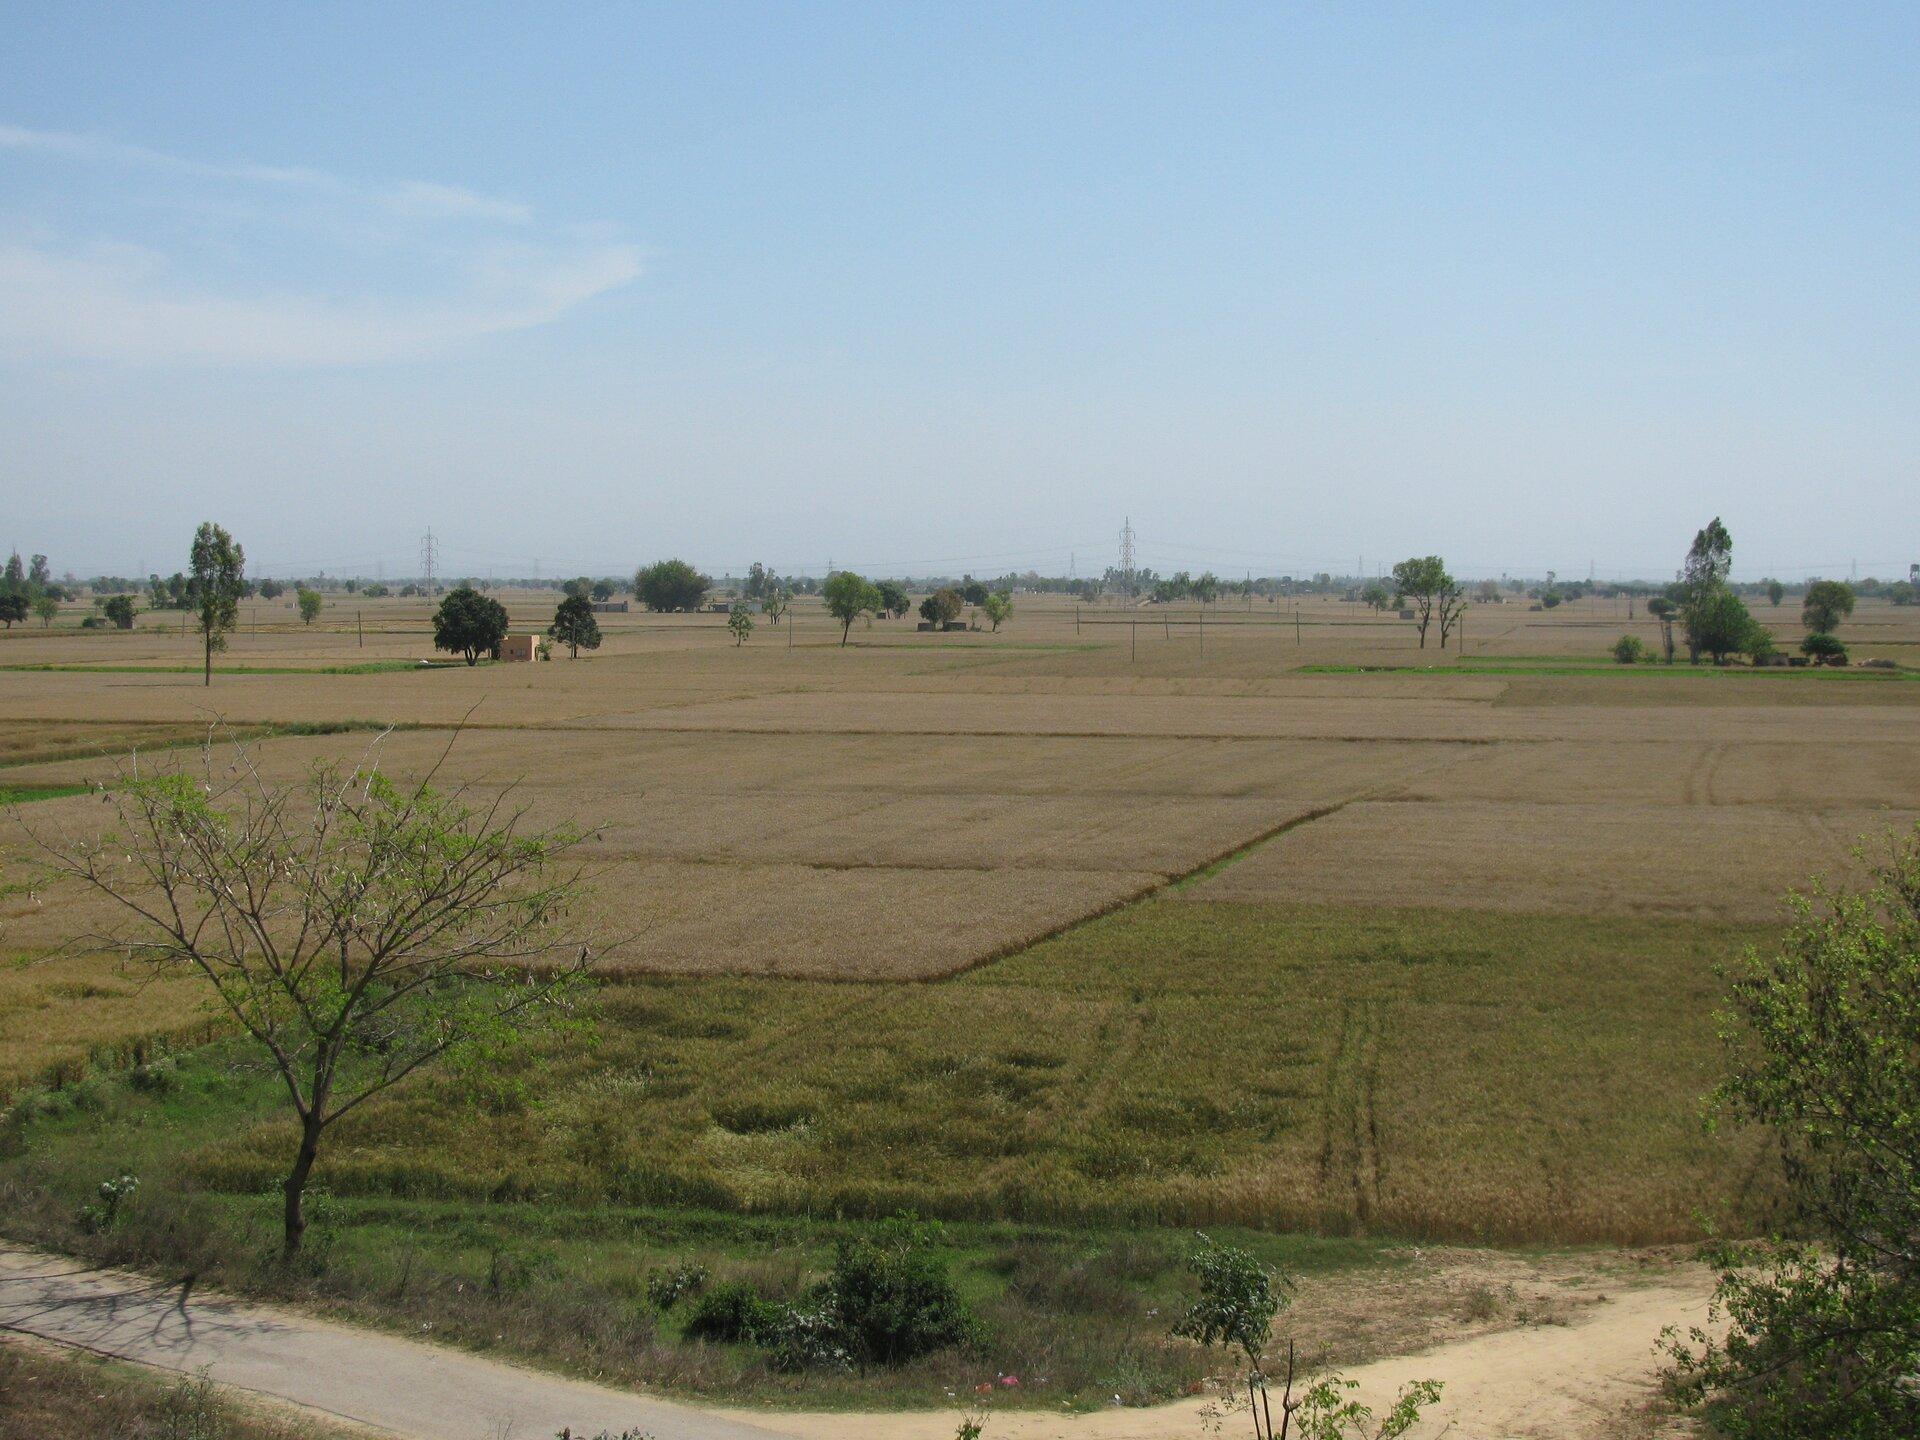 Na zdjęciu rozległe tereny rolnicze, roślinność przesuszona. Pojedyncze drzewa.